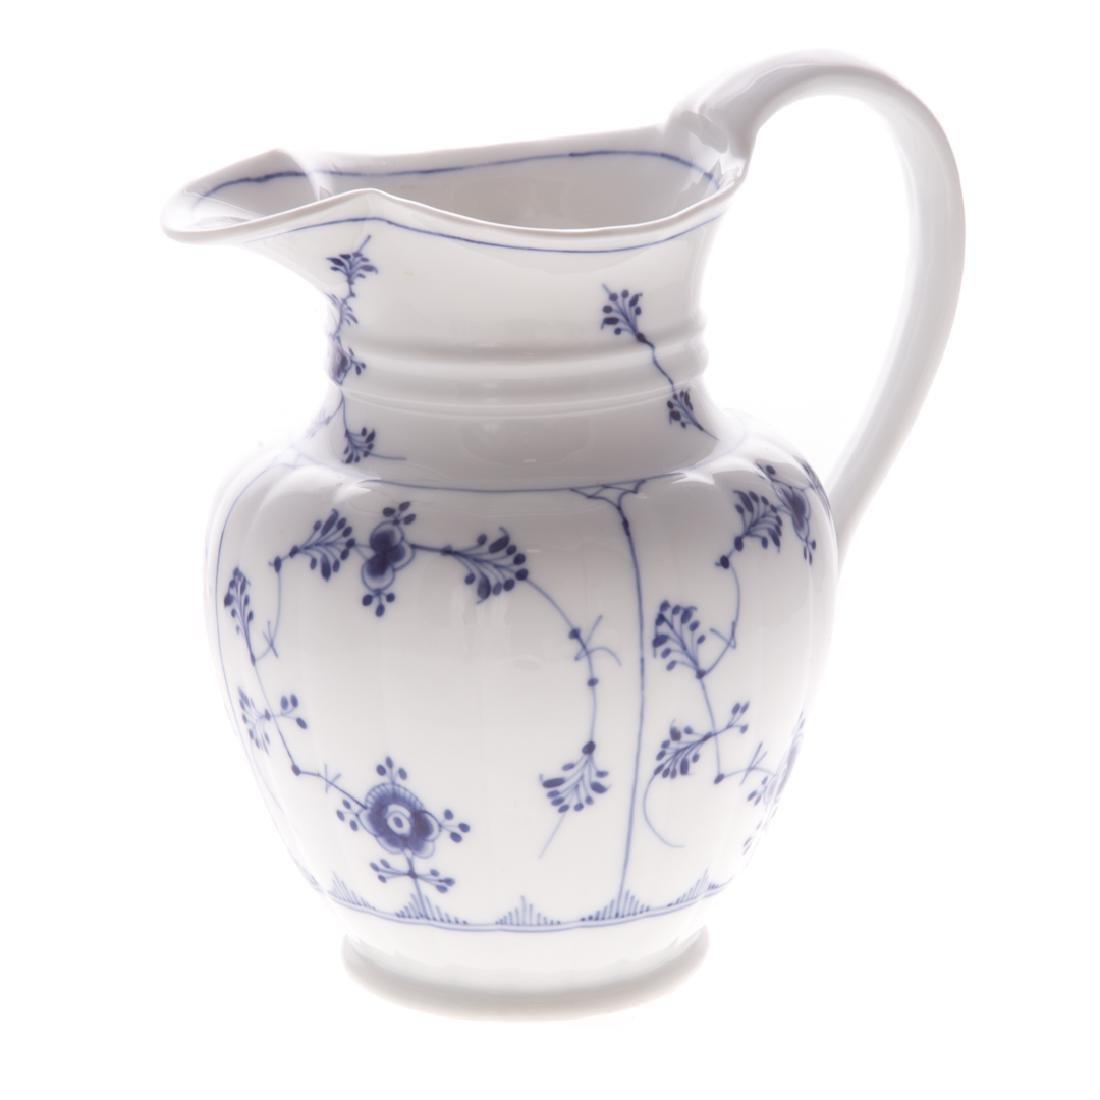 14 Royal Copenhagen porcelain table articles - 7